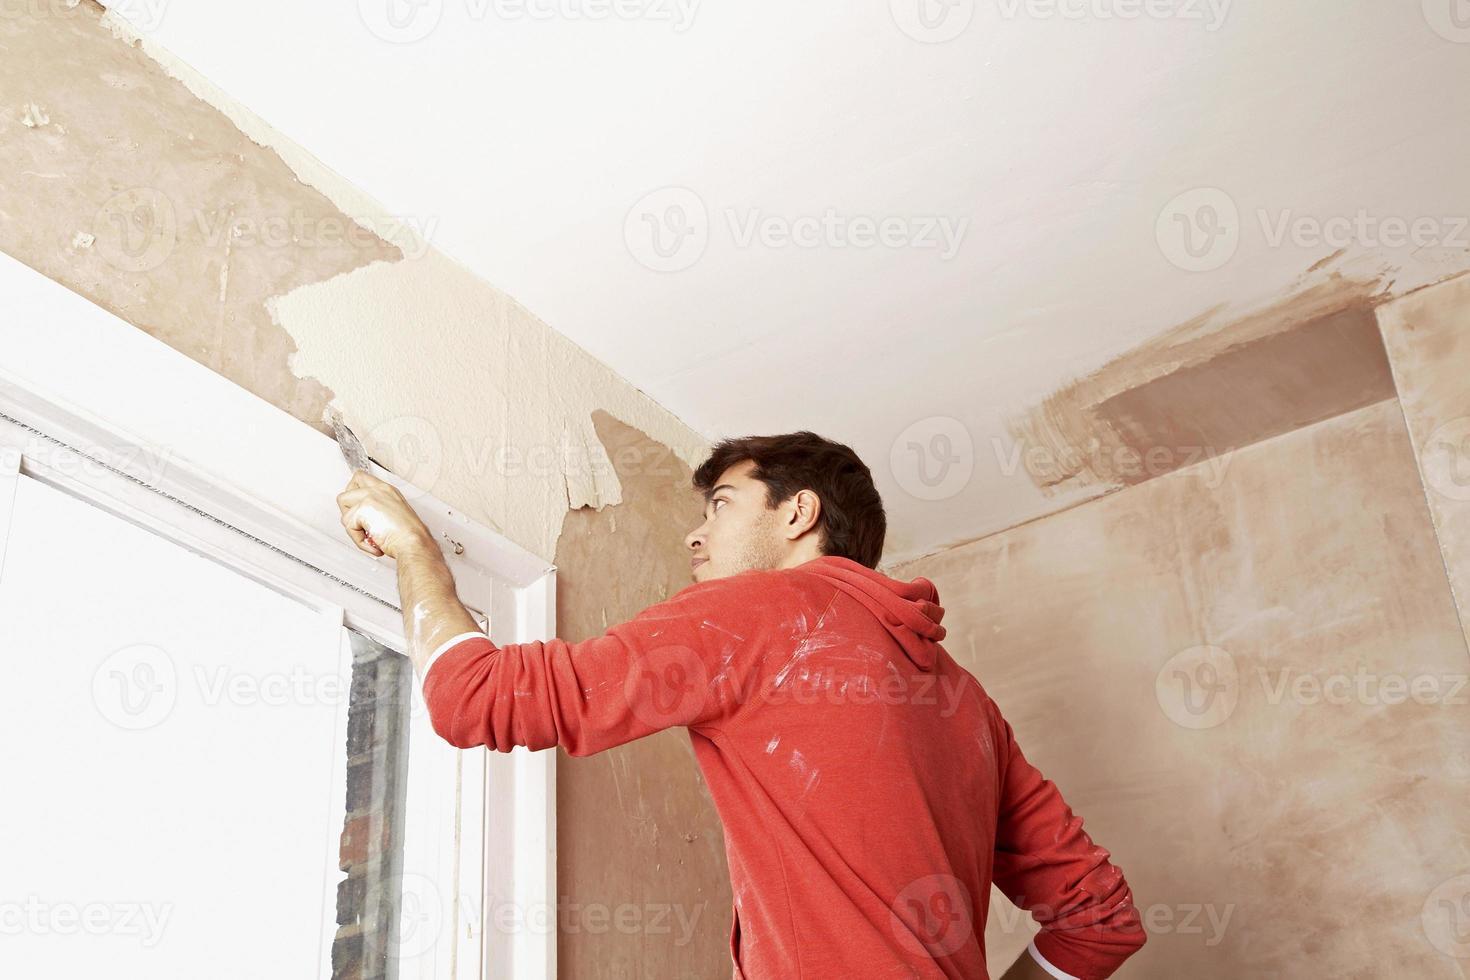 Mann kratzt Farbe von der Wand in unrenoviertem Raum foto